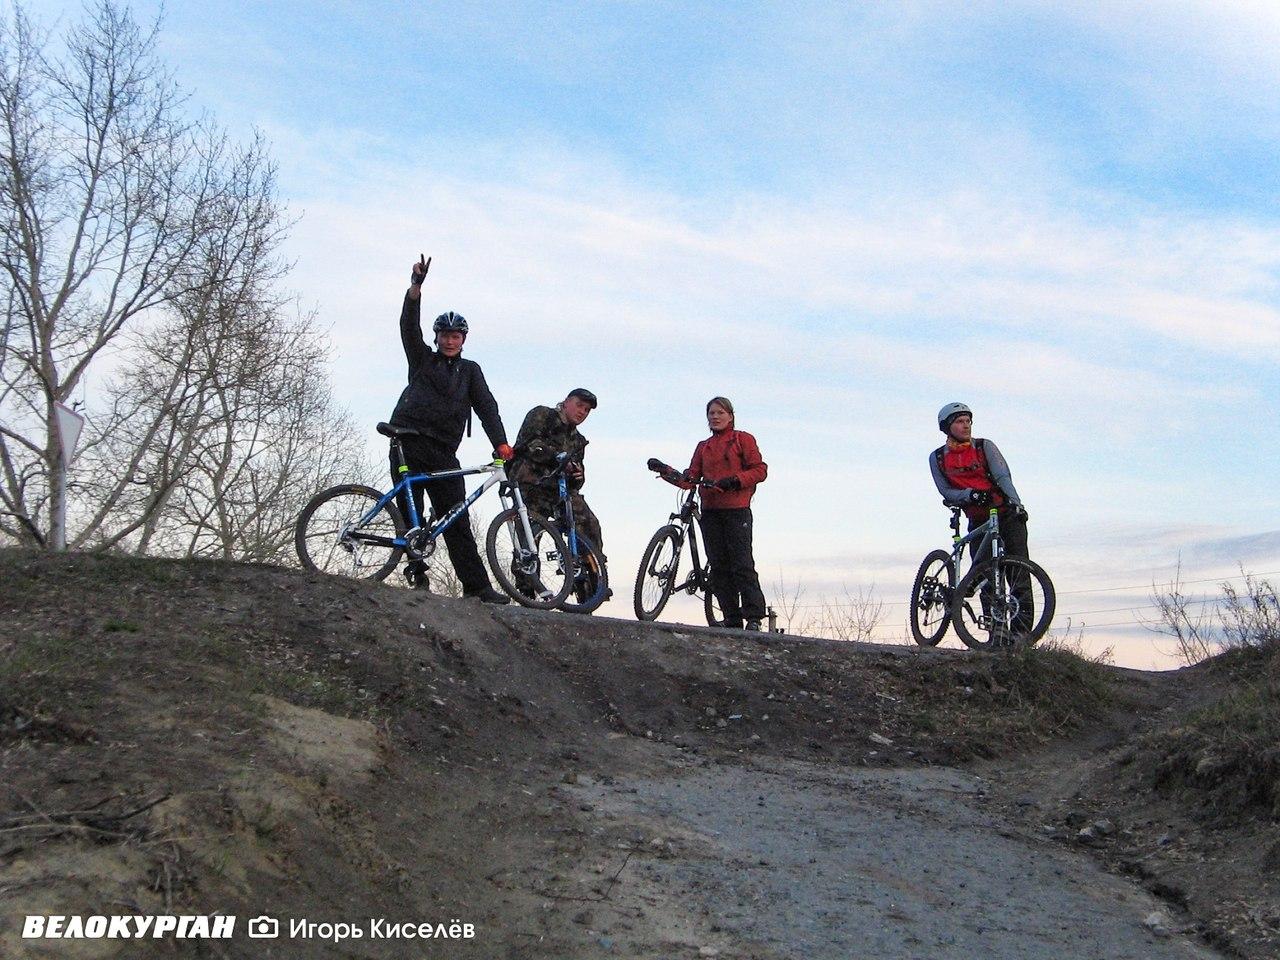 Свежий воздух, конкурсы и отличная компания: «Велокурган» открывает сезон